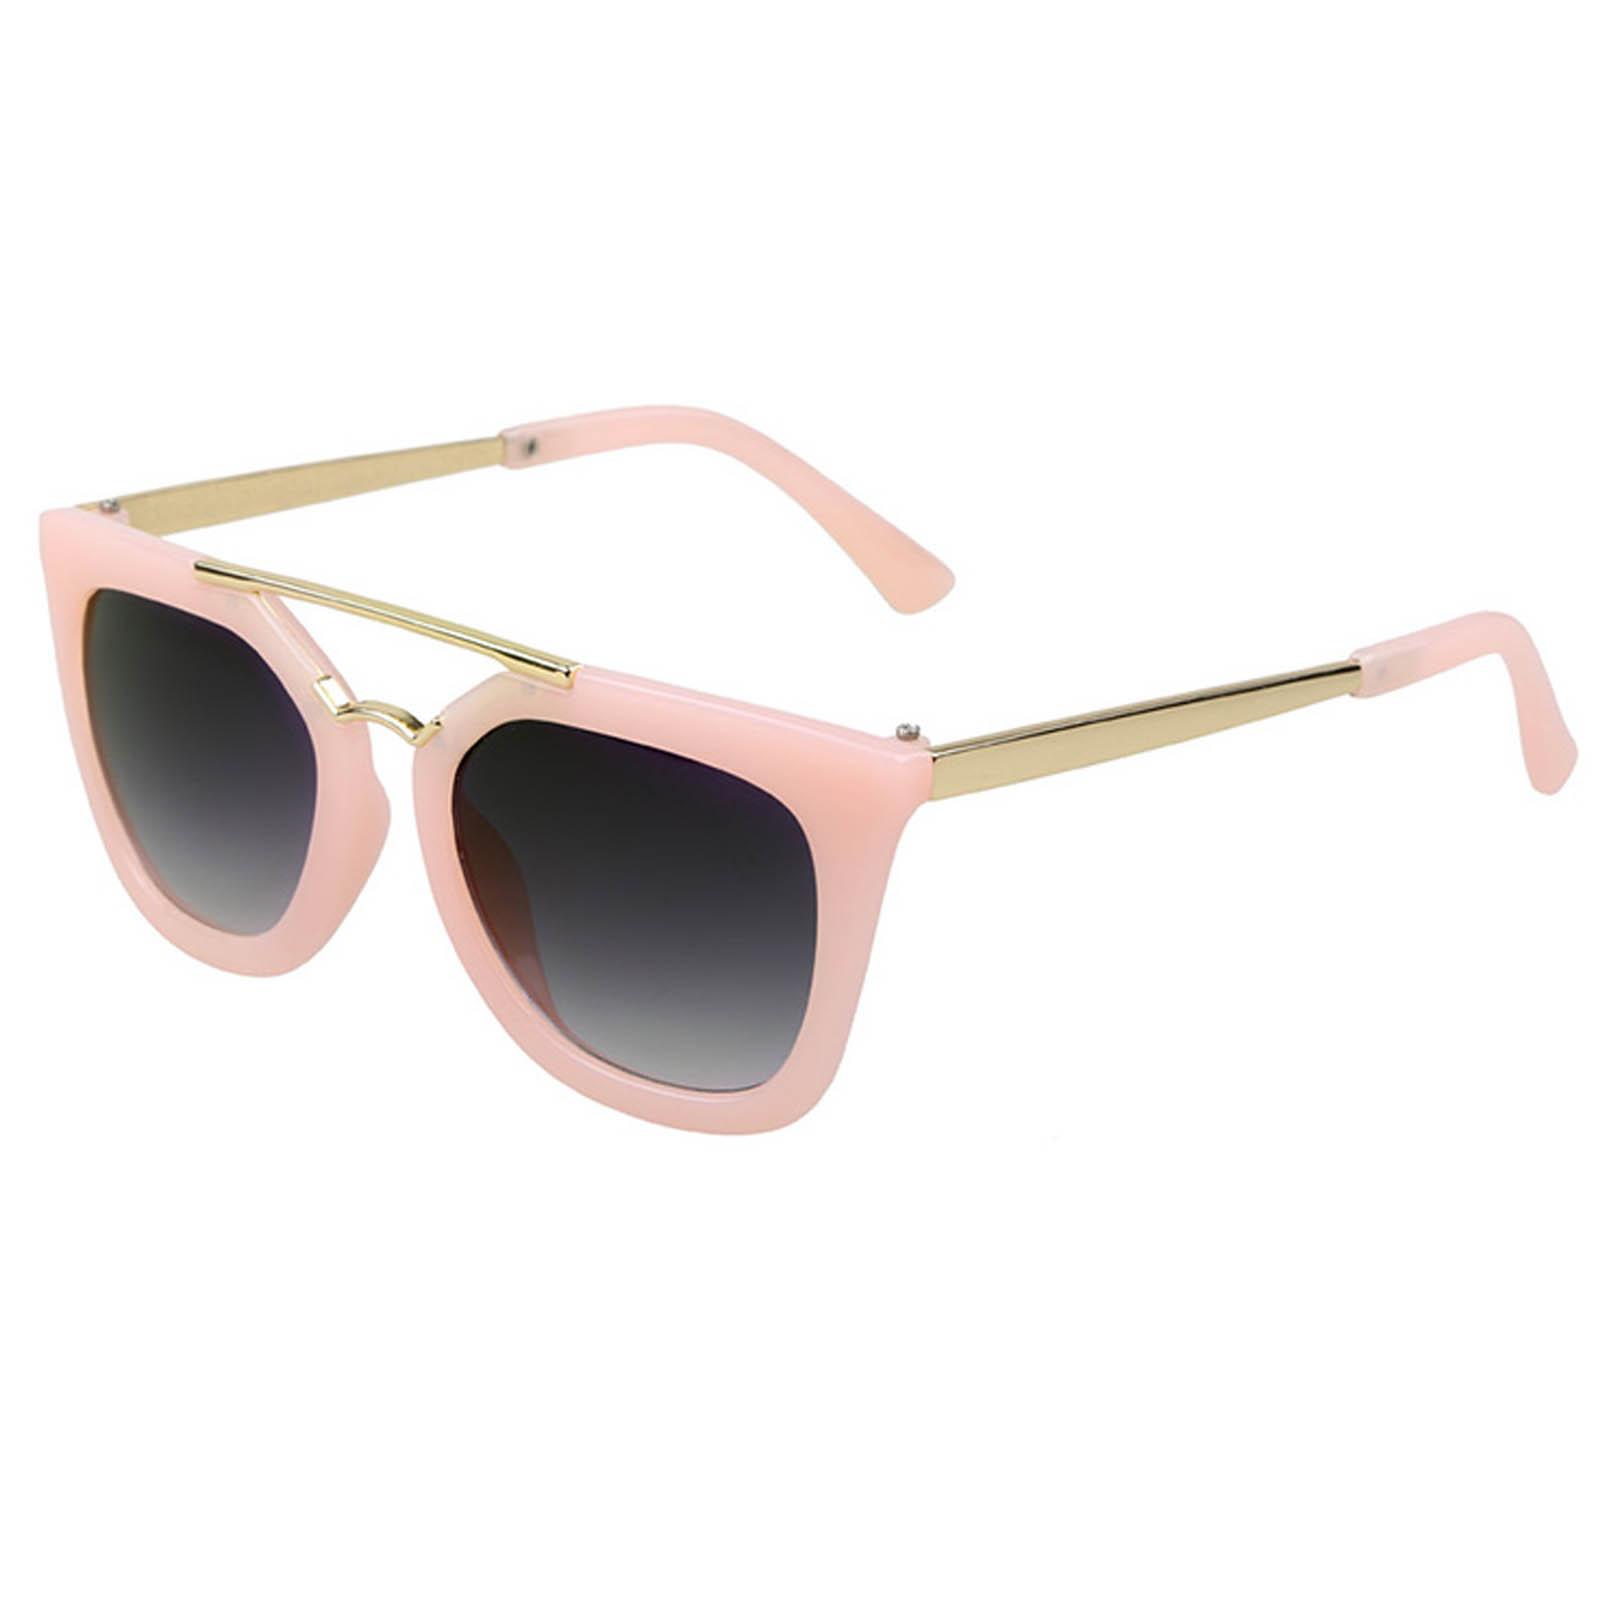 OWL ® 043 C4 Cat Round Eyewear Sunglasses Women's Men's Metal Nude Frame Smoke Lens One Pair